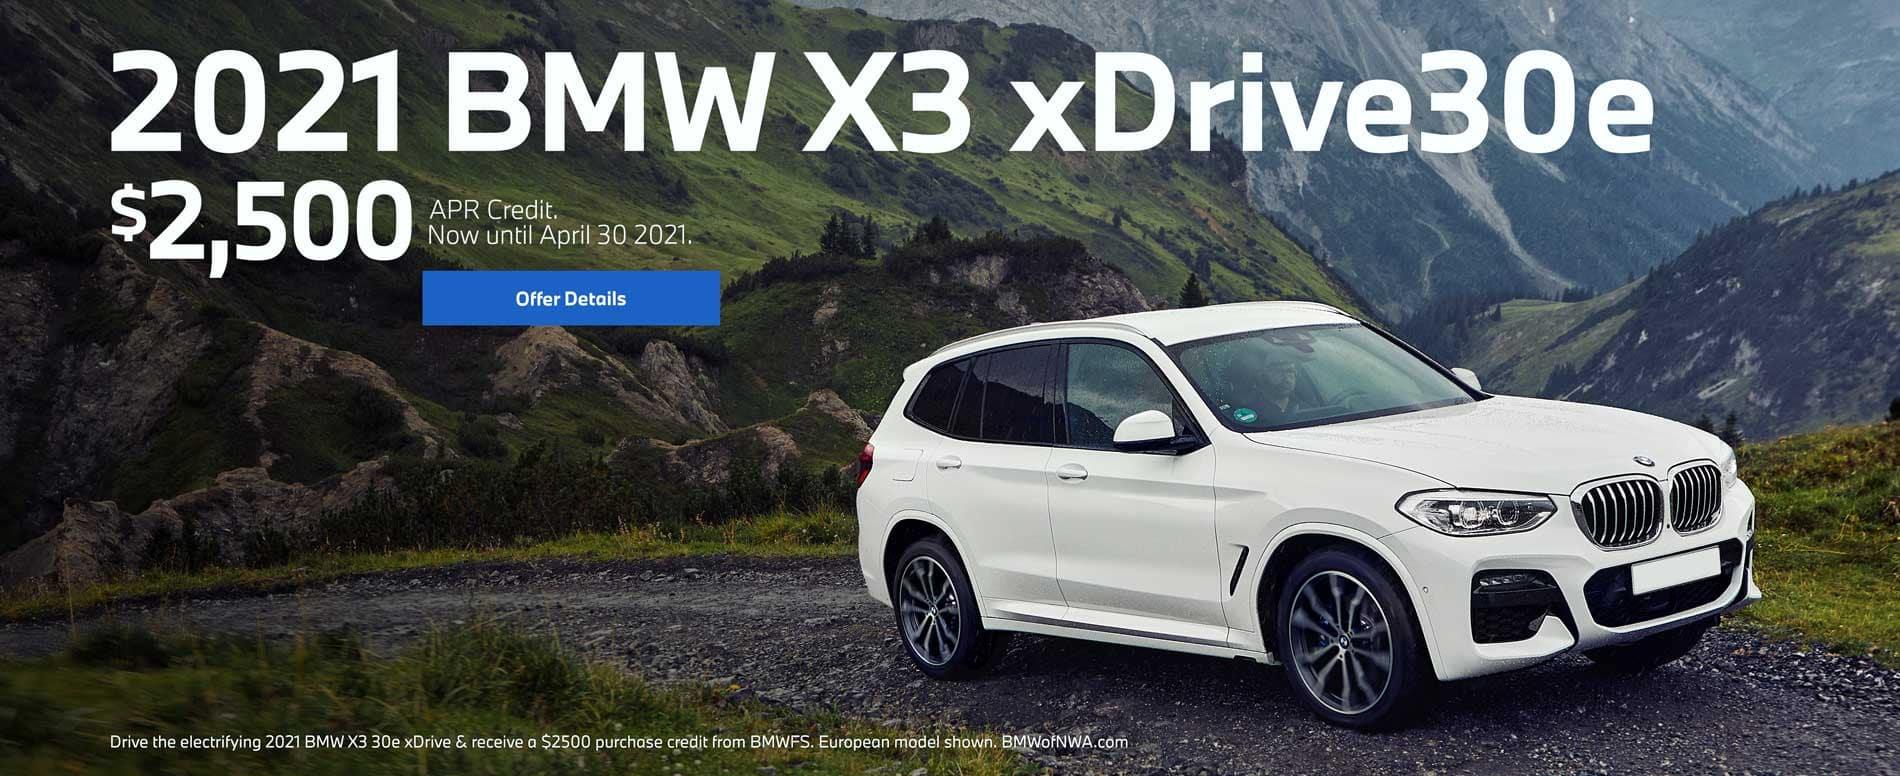 2021 BMW X3 xDrive30e $2500 APR Credit